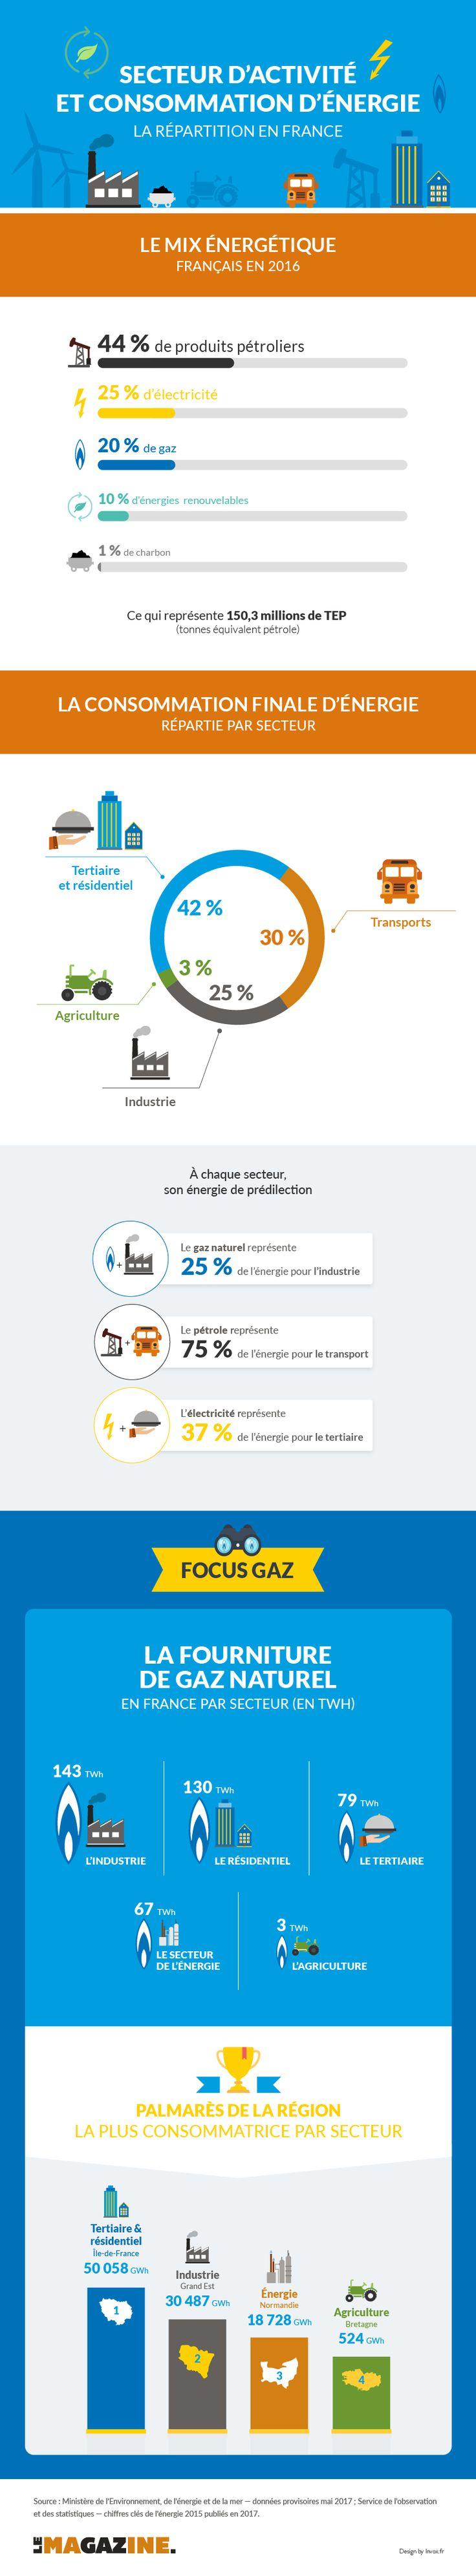 La consommation énergétique des secteurs d'activité français résumée en une infographie. Quelle est leur énergie favorite ? Quel secteur consomme le plus?